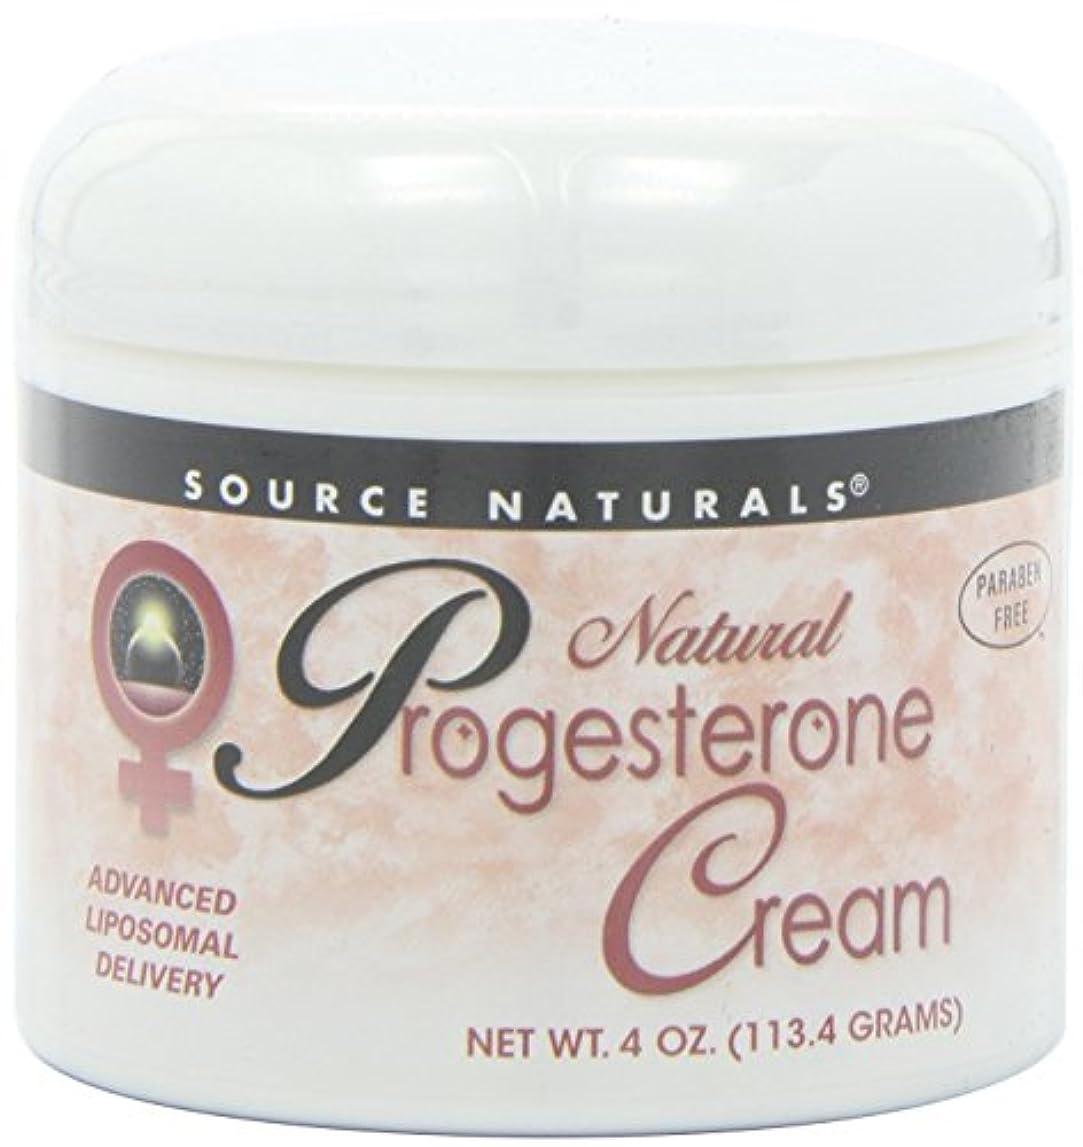 パートナー発見するまた明日ねSource Naturals Natural Progesterone Cream, 4 Ounce (113.4 g) クリーム 並行輸入品 [並行輸入品]